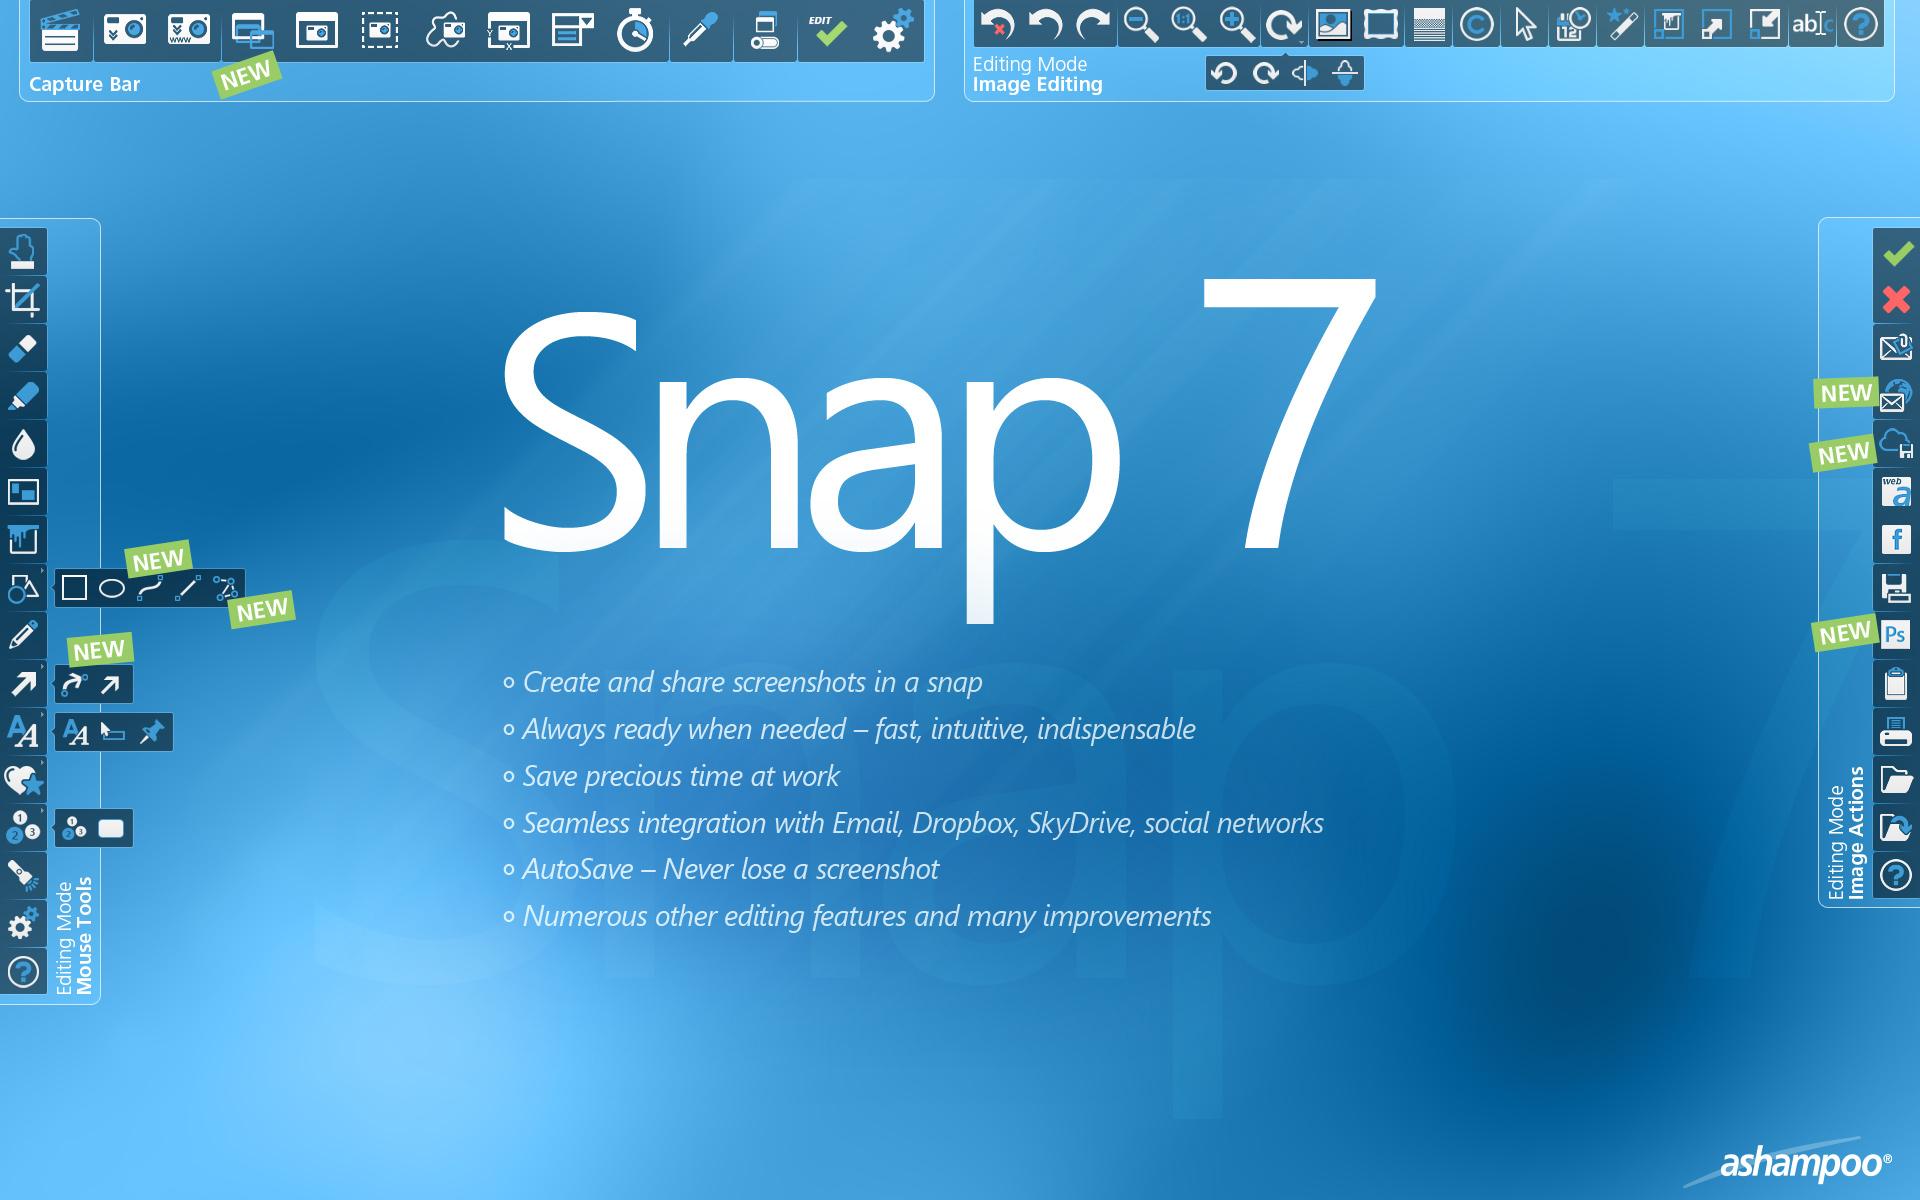 免费获取截图工具 Ashampoo Snap 7丨反斗限免